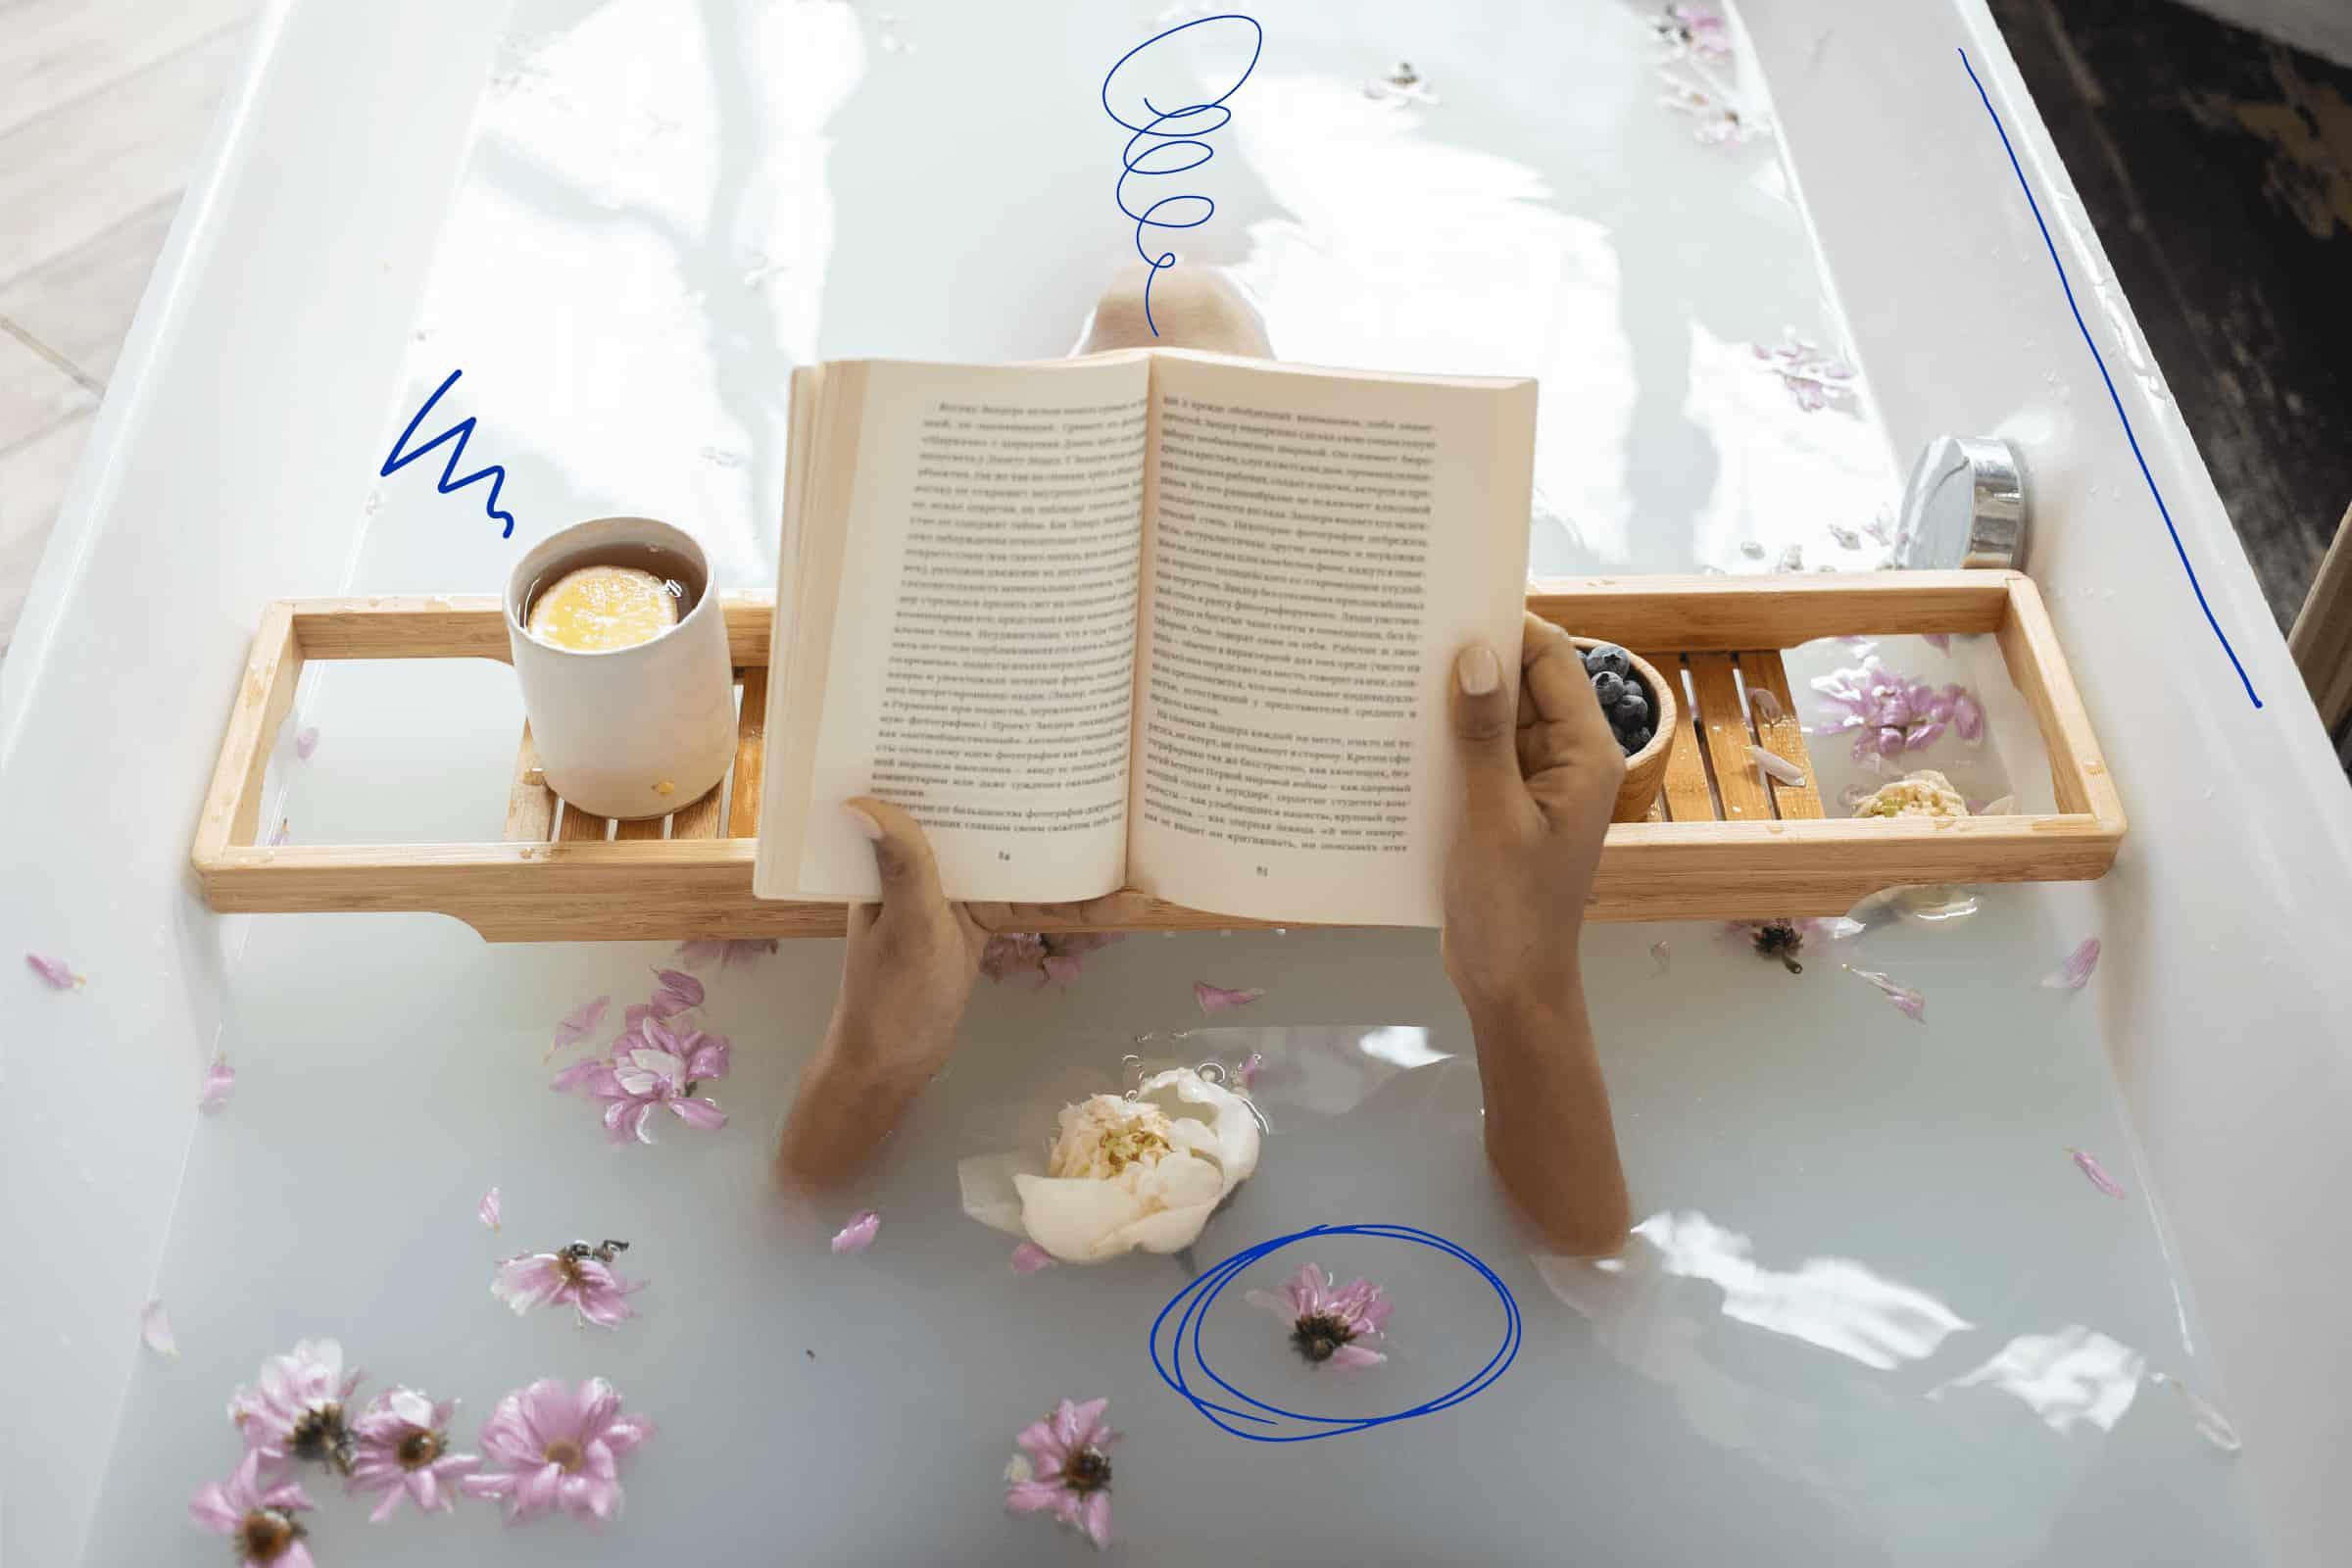 reconversion professionnelle livres équilibre vie pro vie perso créativité